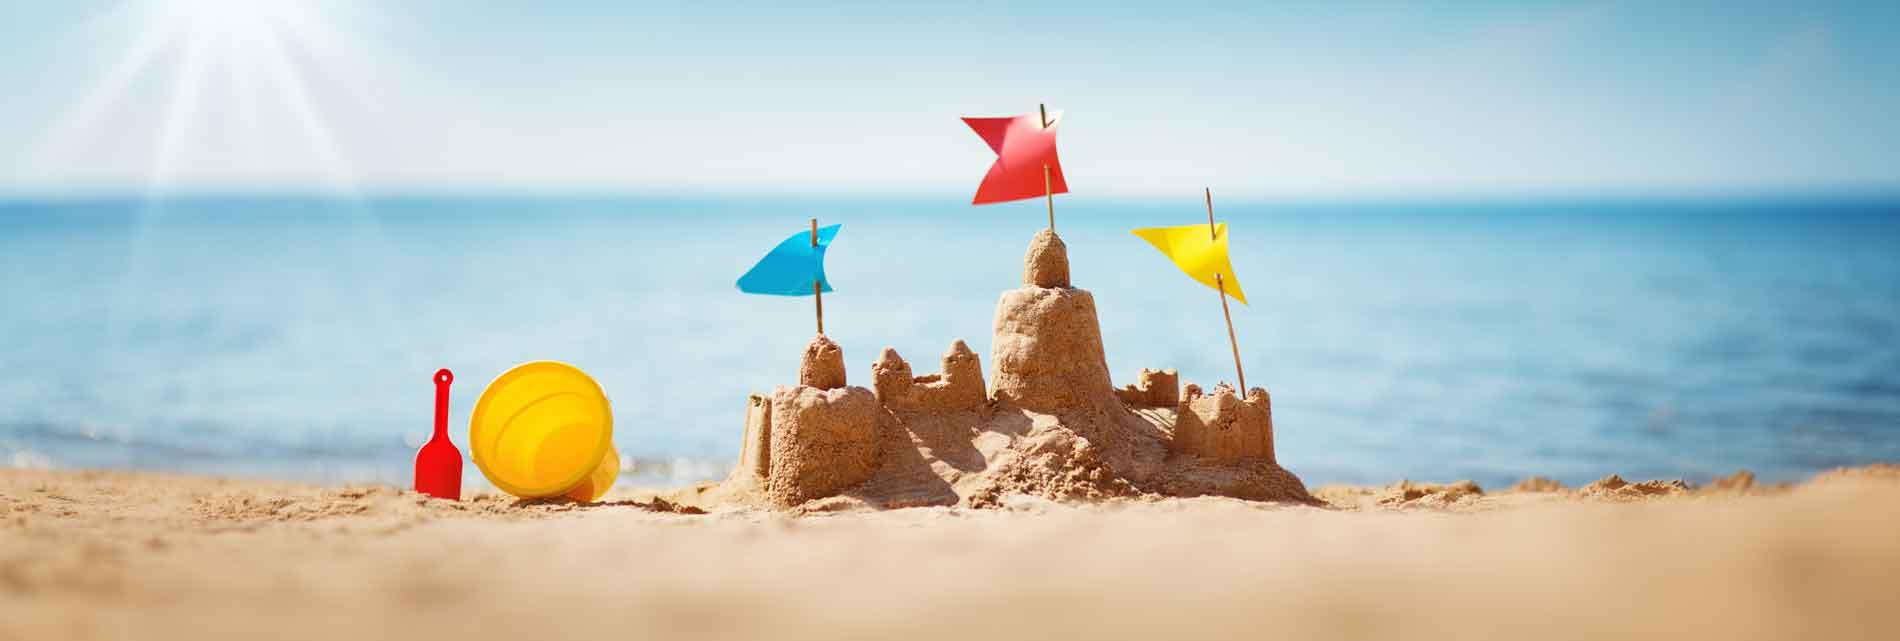 sicherer Urlaub am Strand 2021